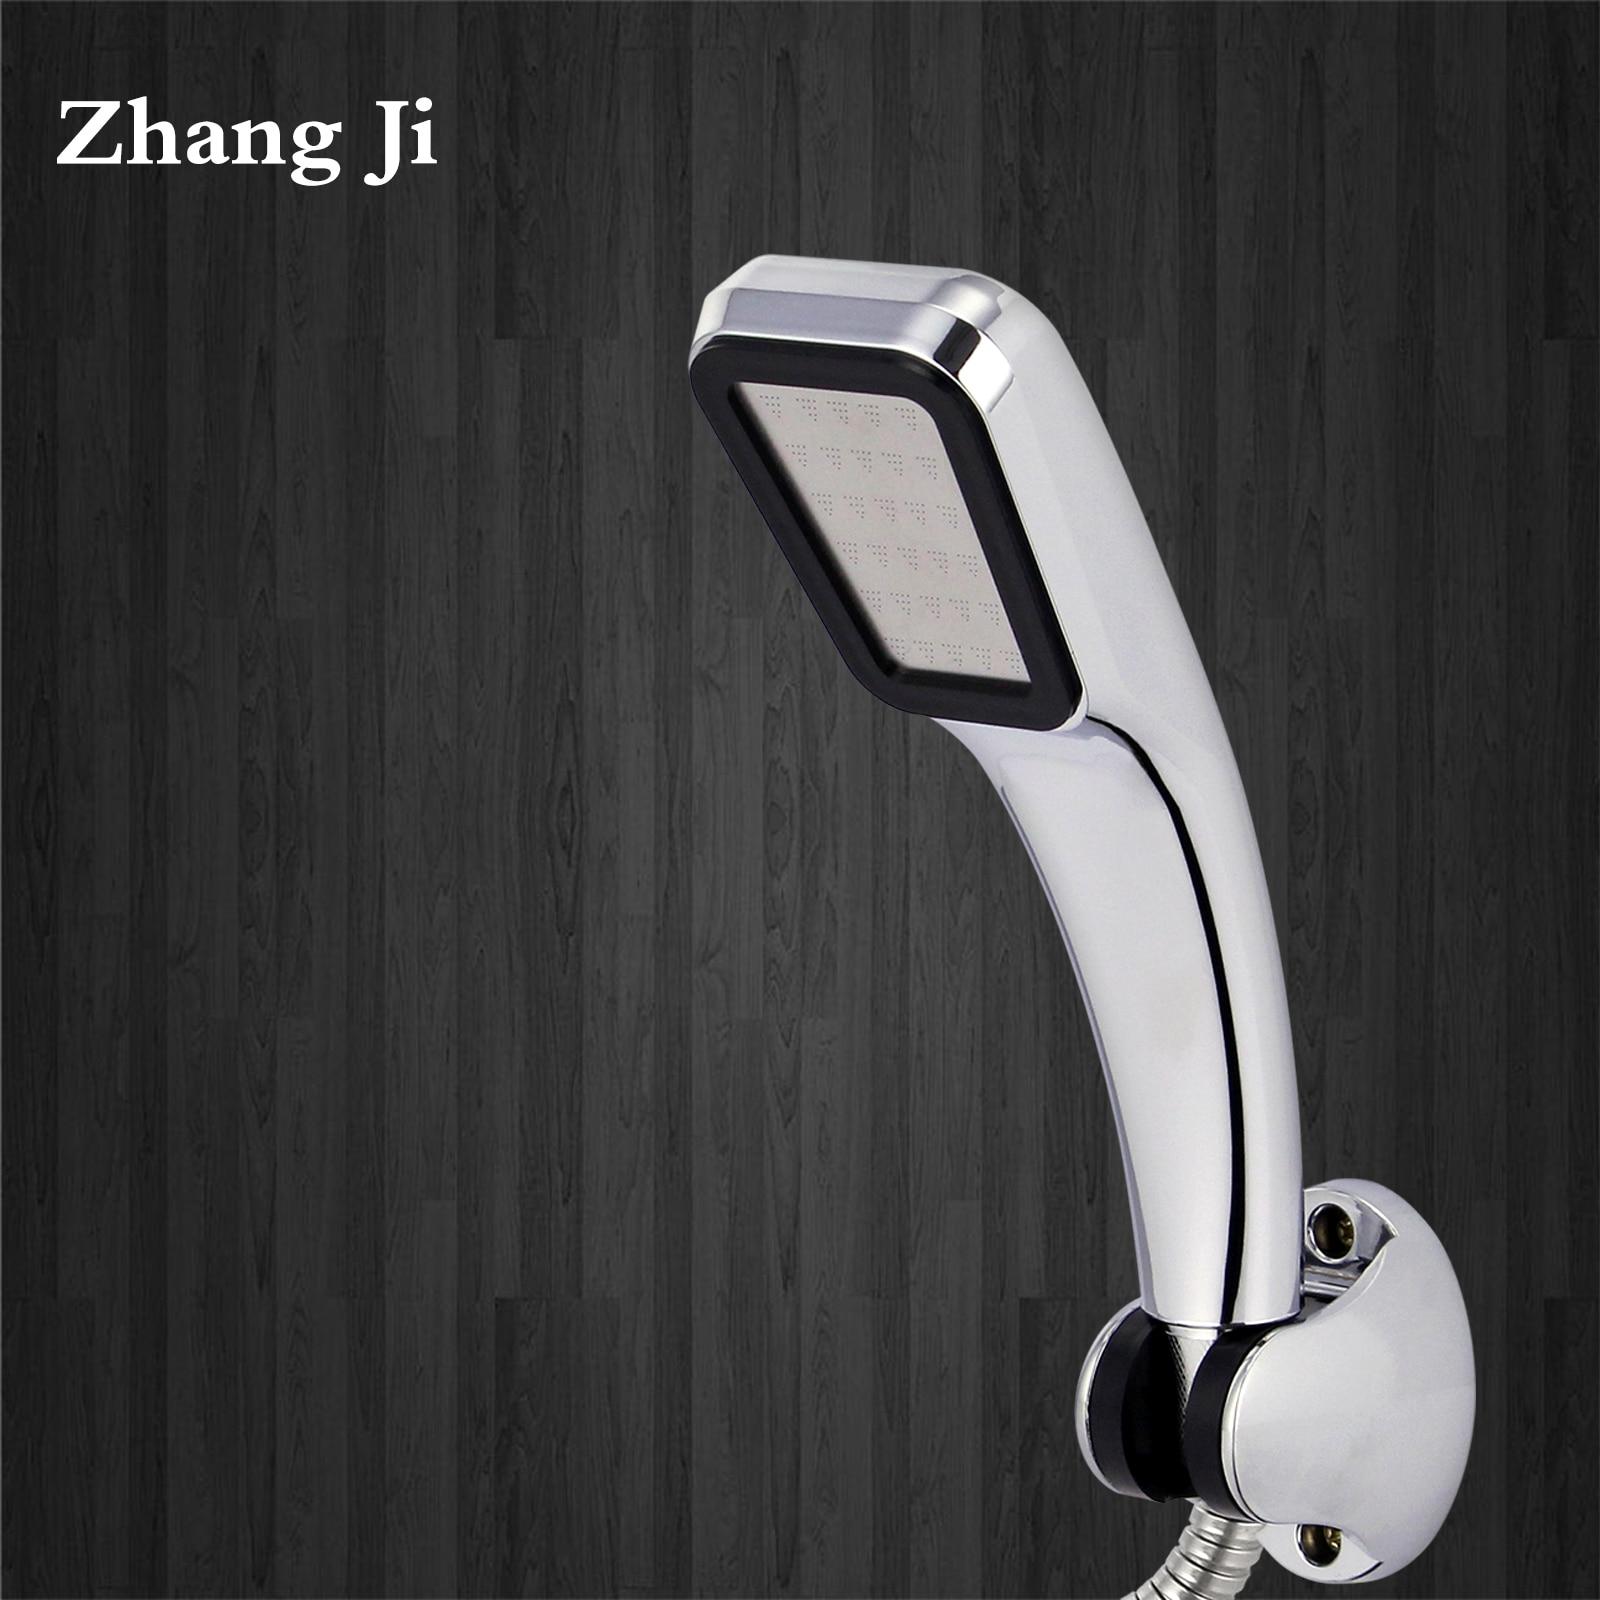 Насадка для душа ZhangJi, 300 отверстий, водосберегающий поток с хромированным ABS распылителем высокого давления, аксессуары для ванной комнаты|head shake|shower head with armshower douche | АлиЭкспресс - Топ товаров на Али в мае